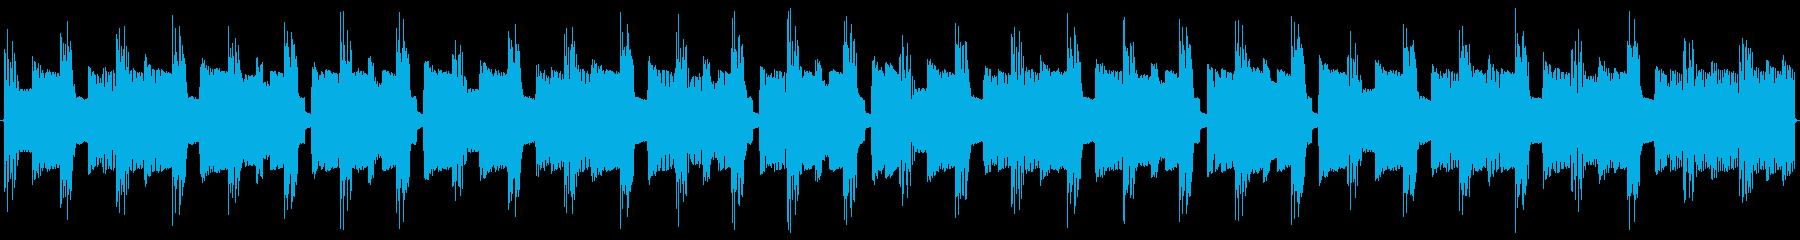 チップチューンの痛快な短いループ3の再生済みの波形